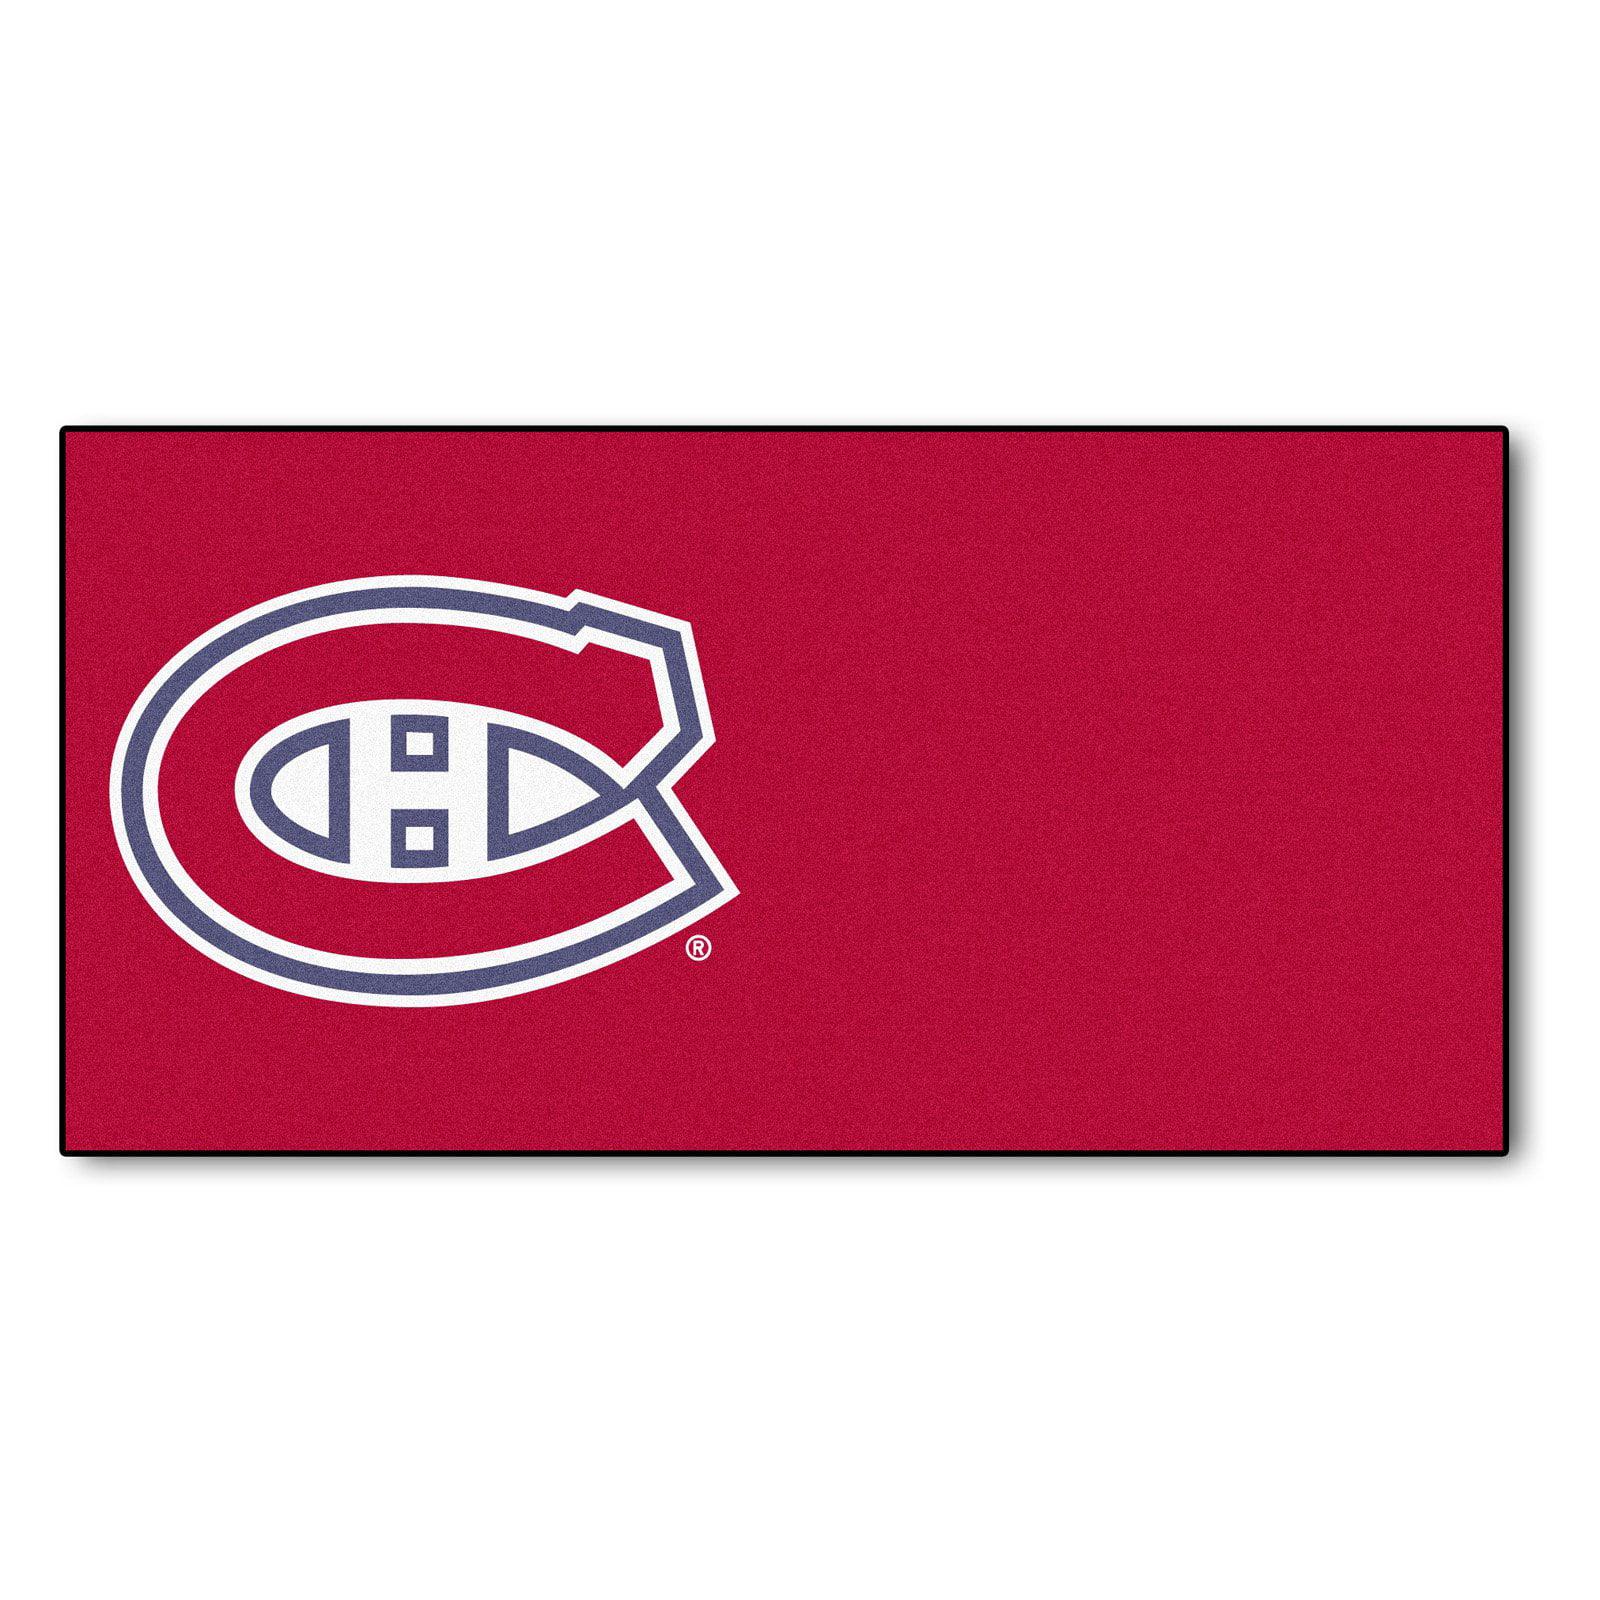 Fanmats NHL 18 x 18 in. Carpet Tiles